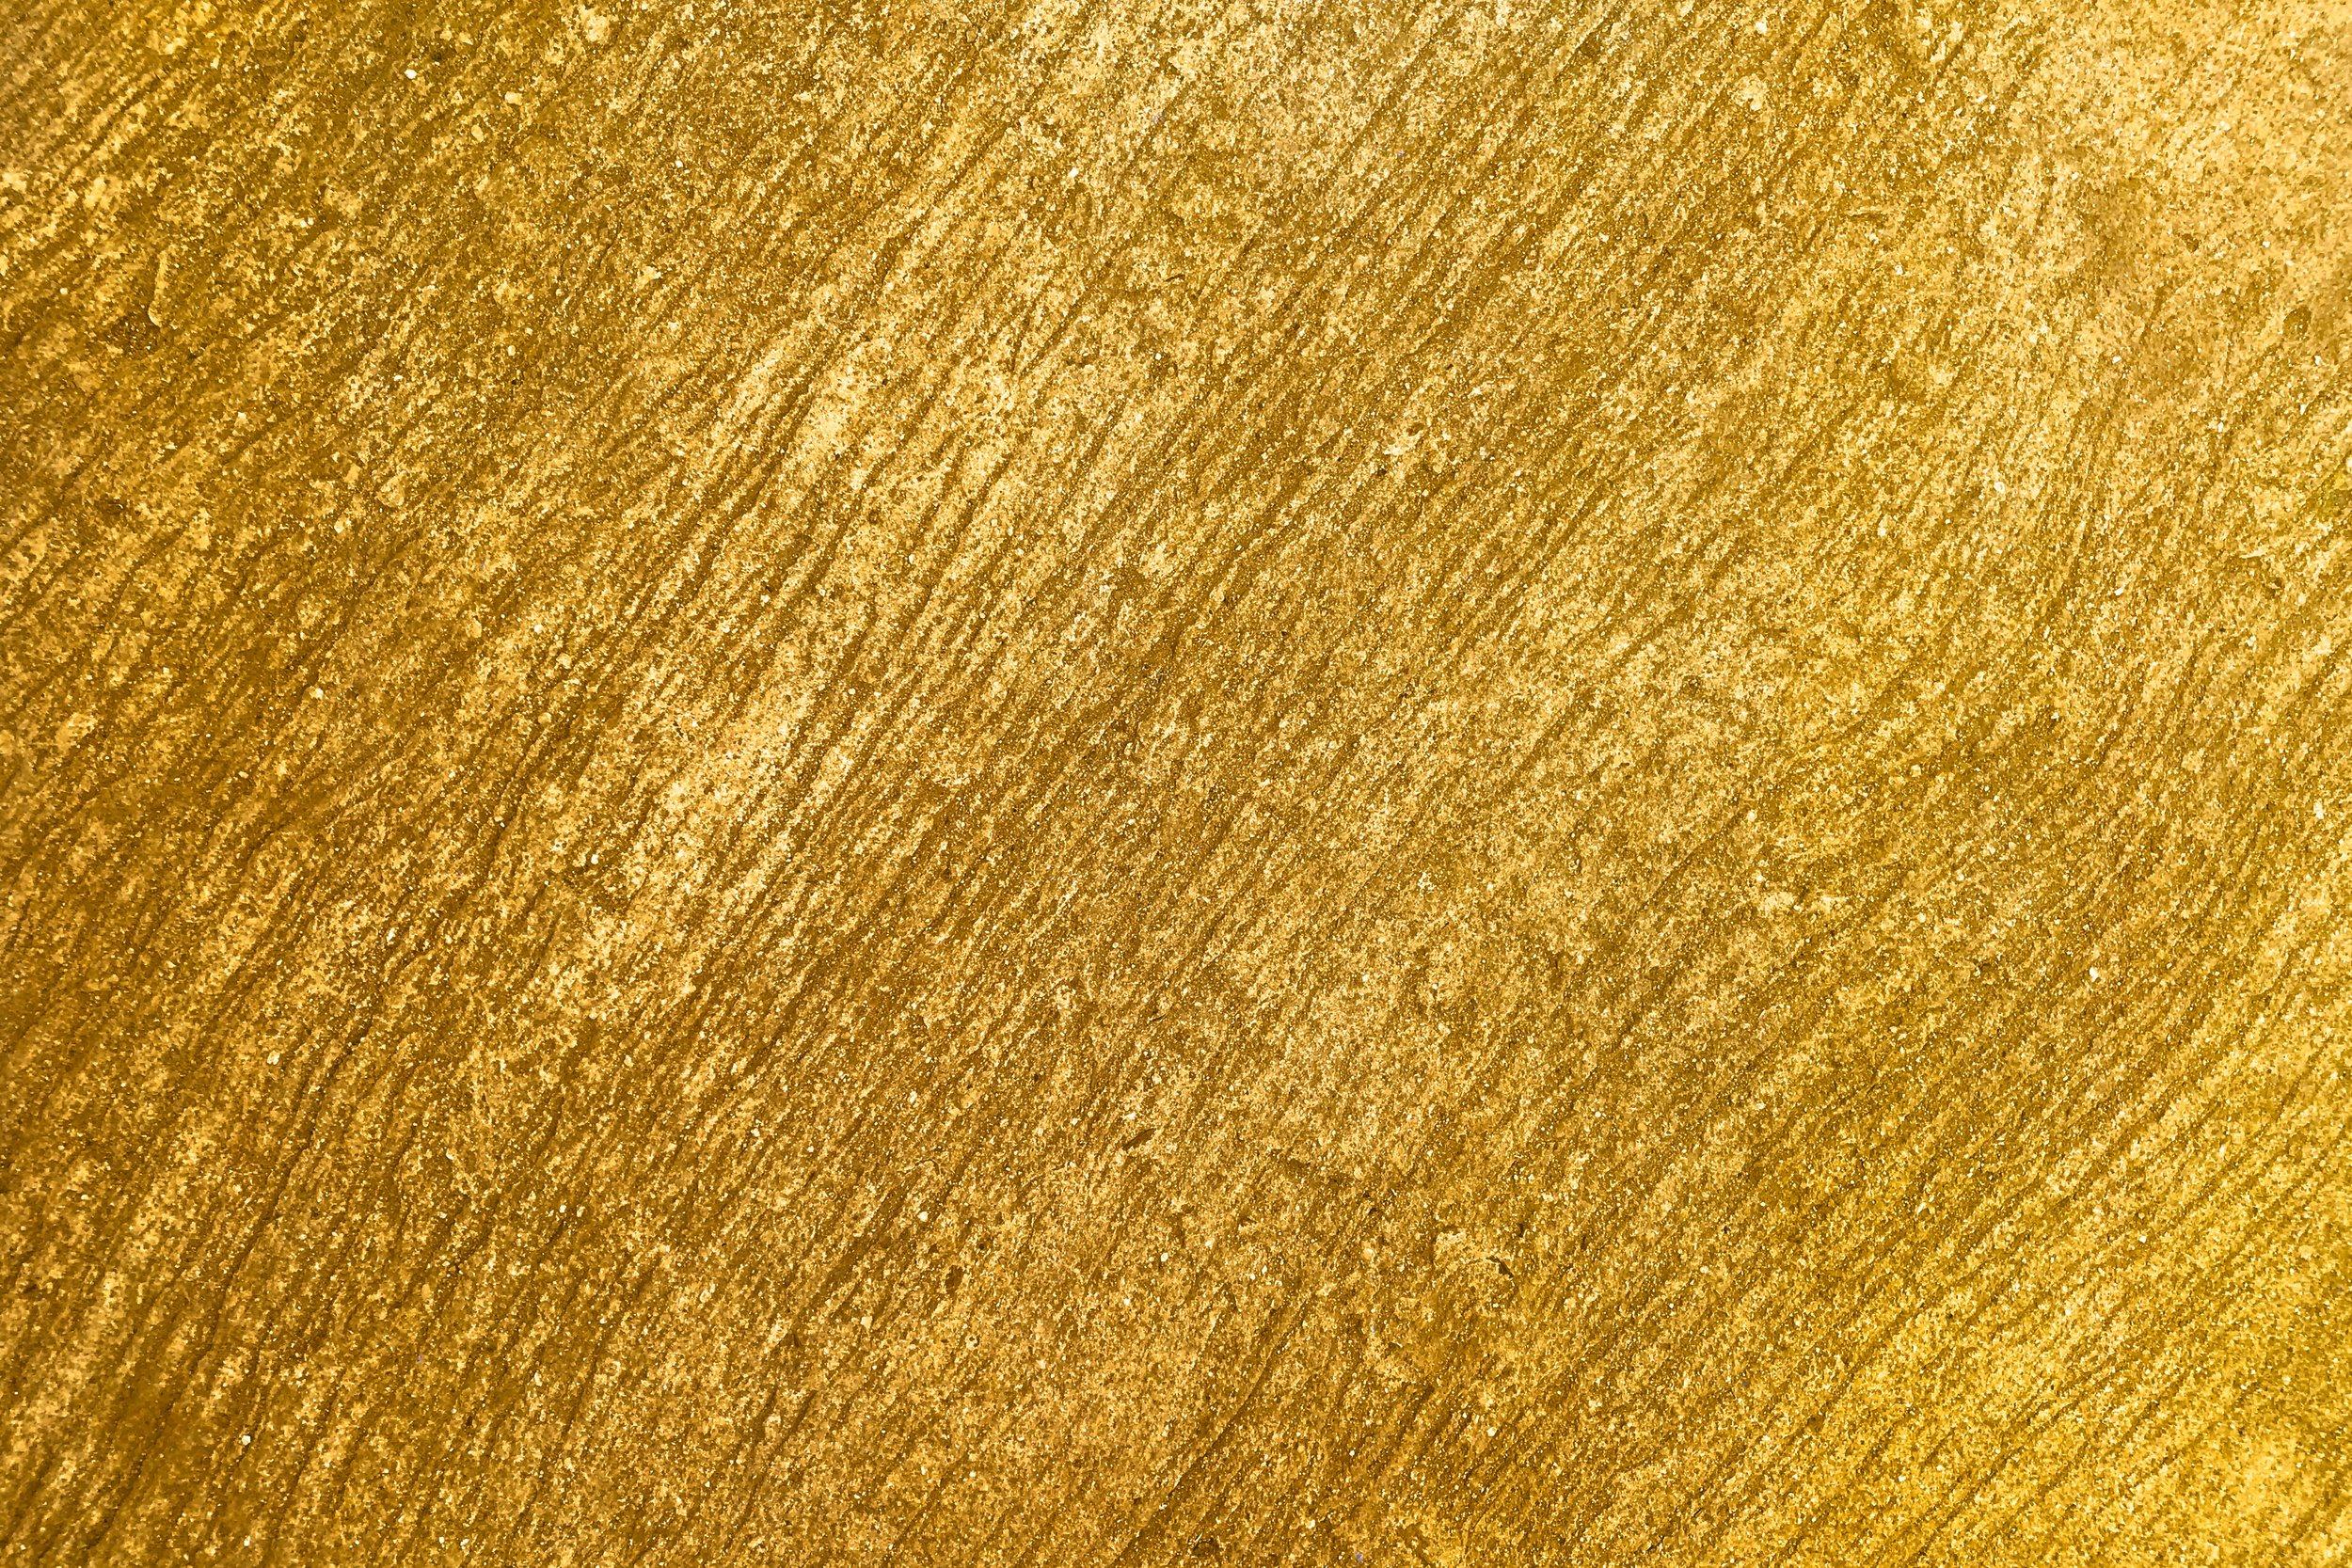 gold-surface-texture-1931466.jpg